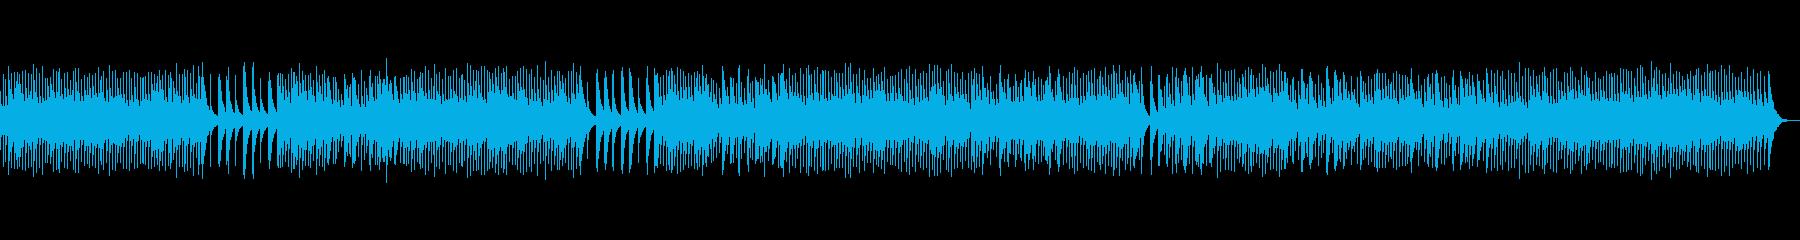 (オルゴール)主よ人の望みの… F_64の再生済みの波形